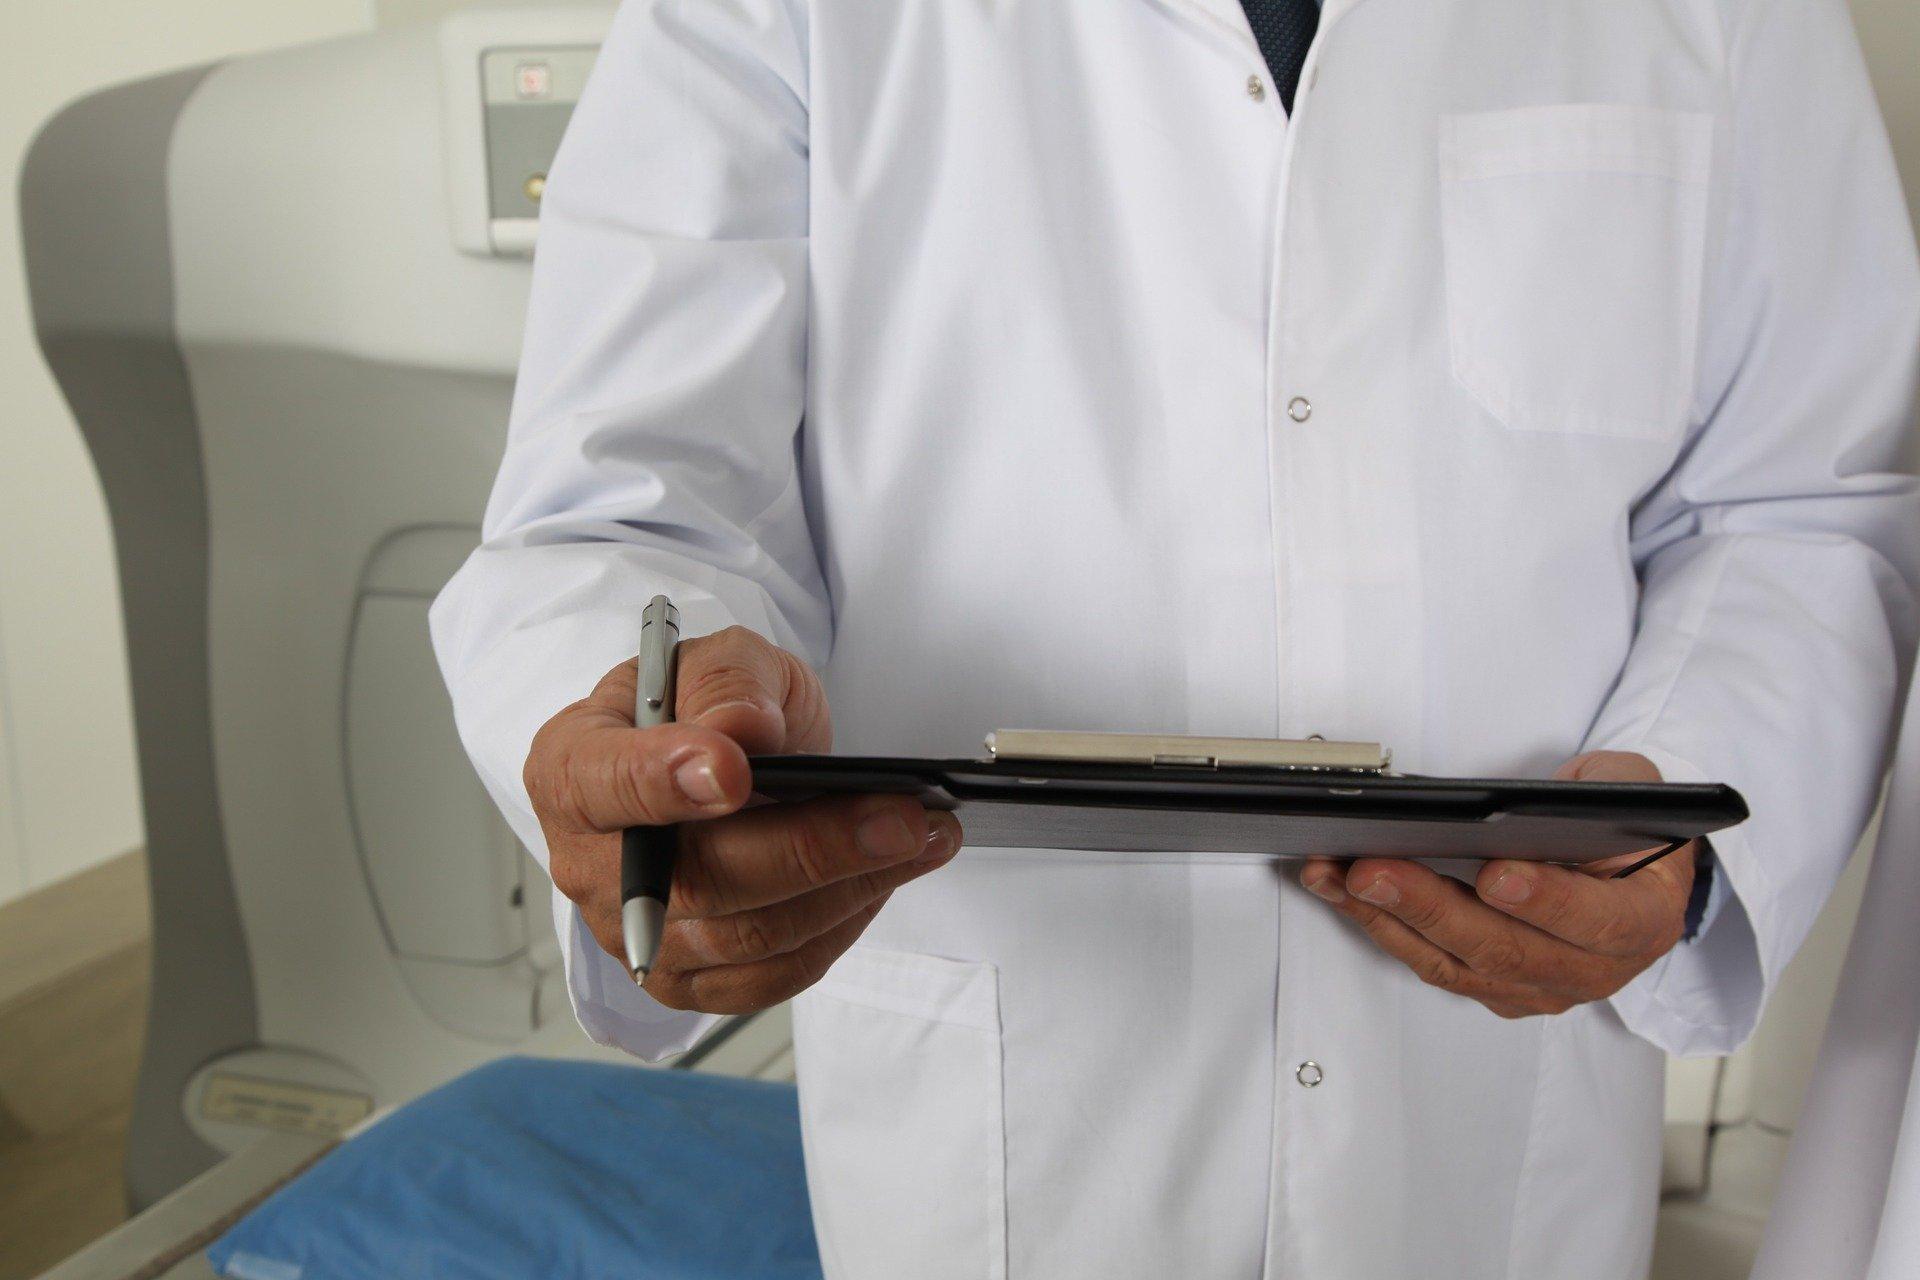 Neuer Ärzte-Kodex schreibt vor, was eigentlich selbstverständlich sein sollte